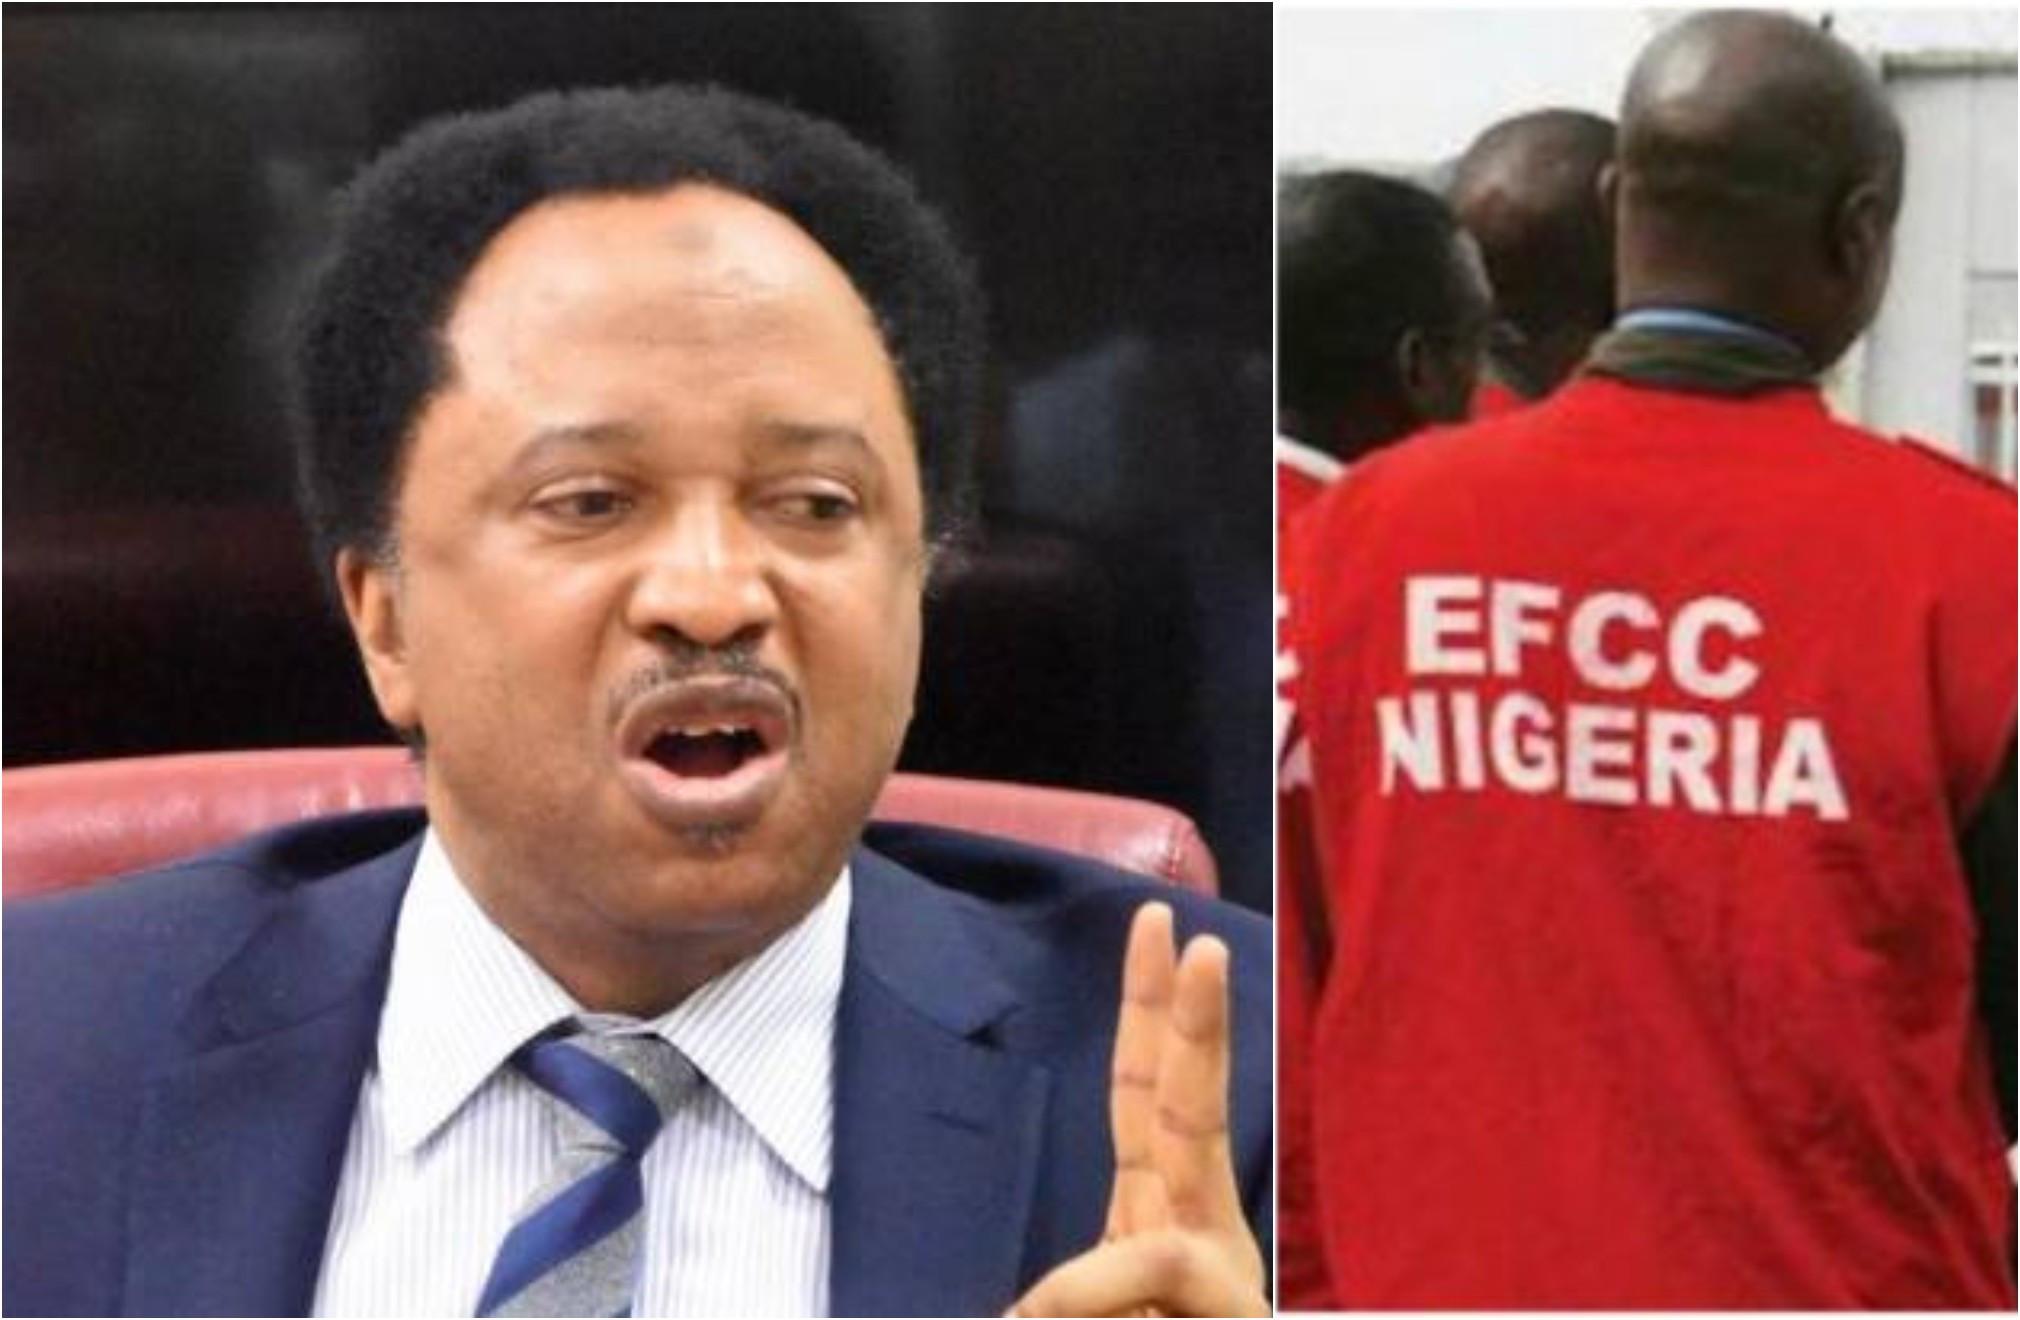 Shehu Sani sues EFCC for N100m